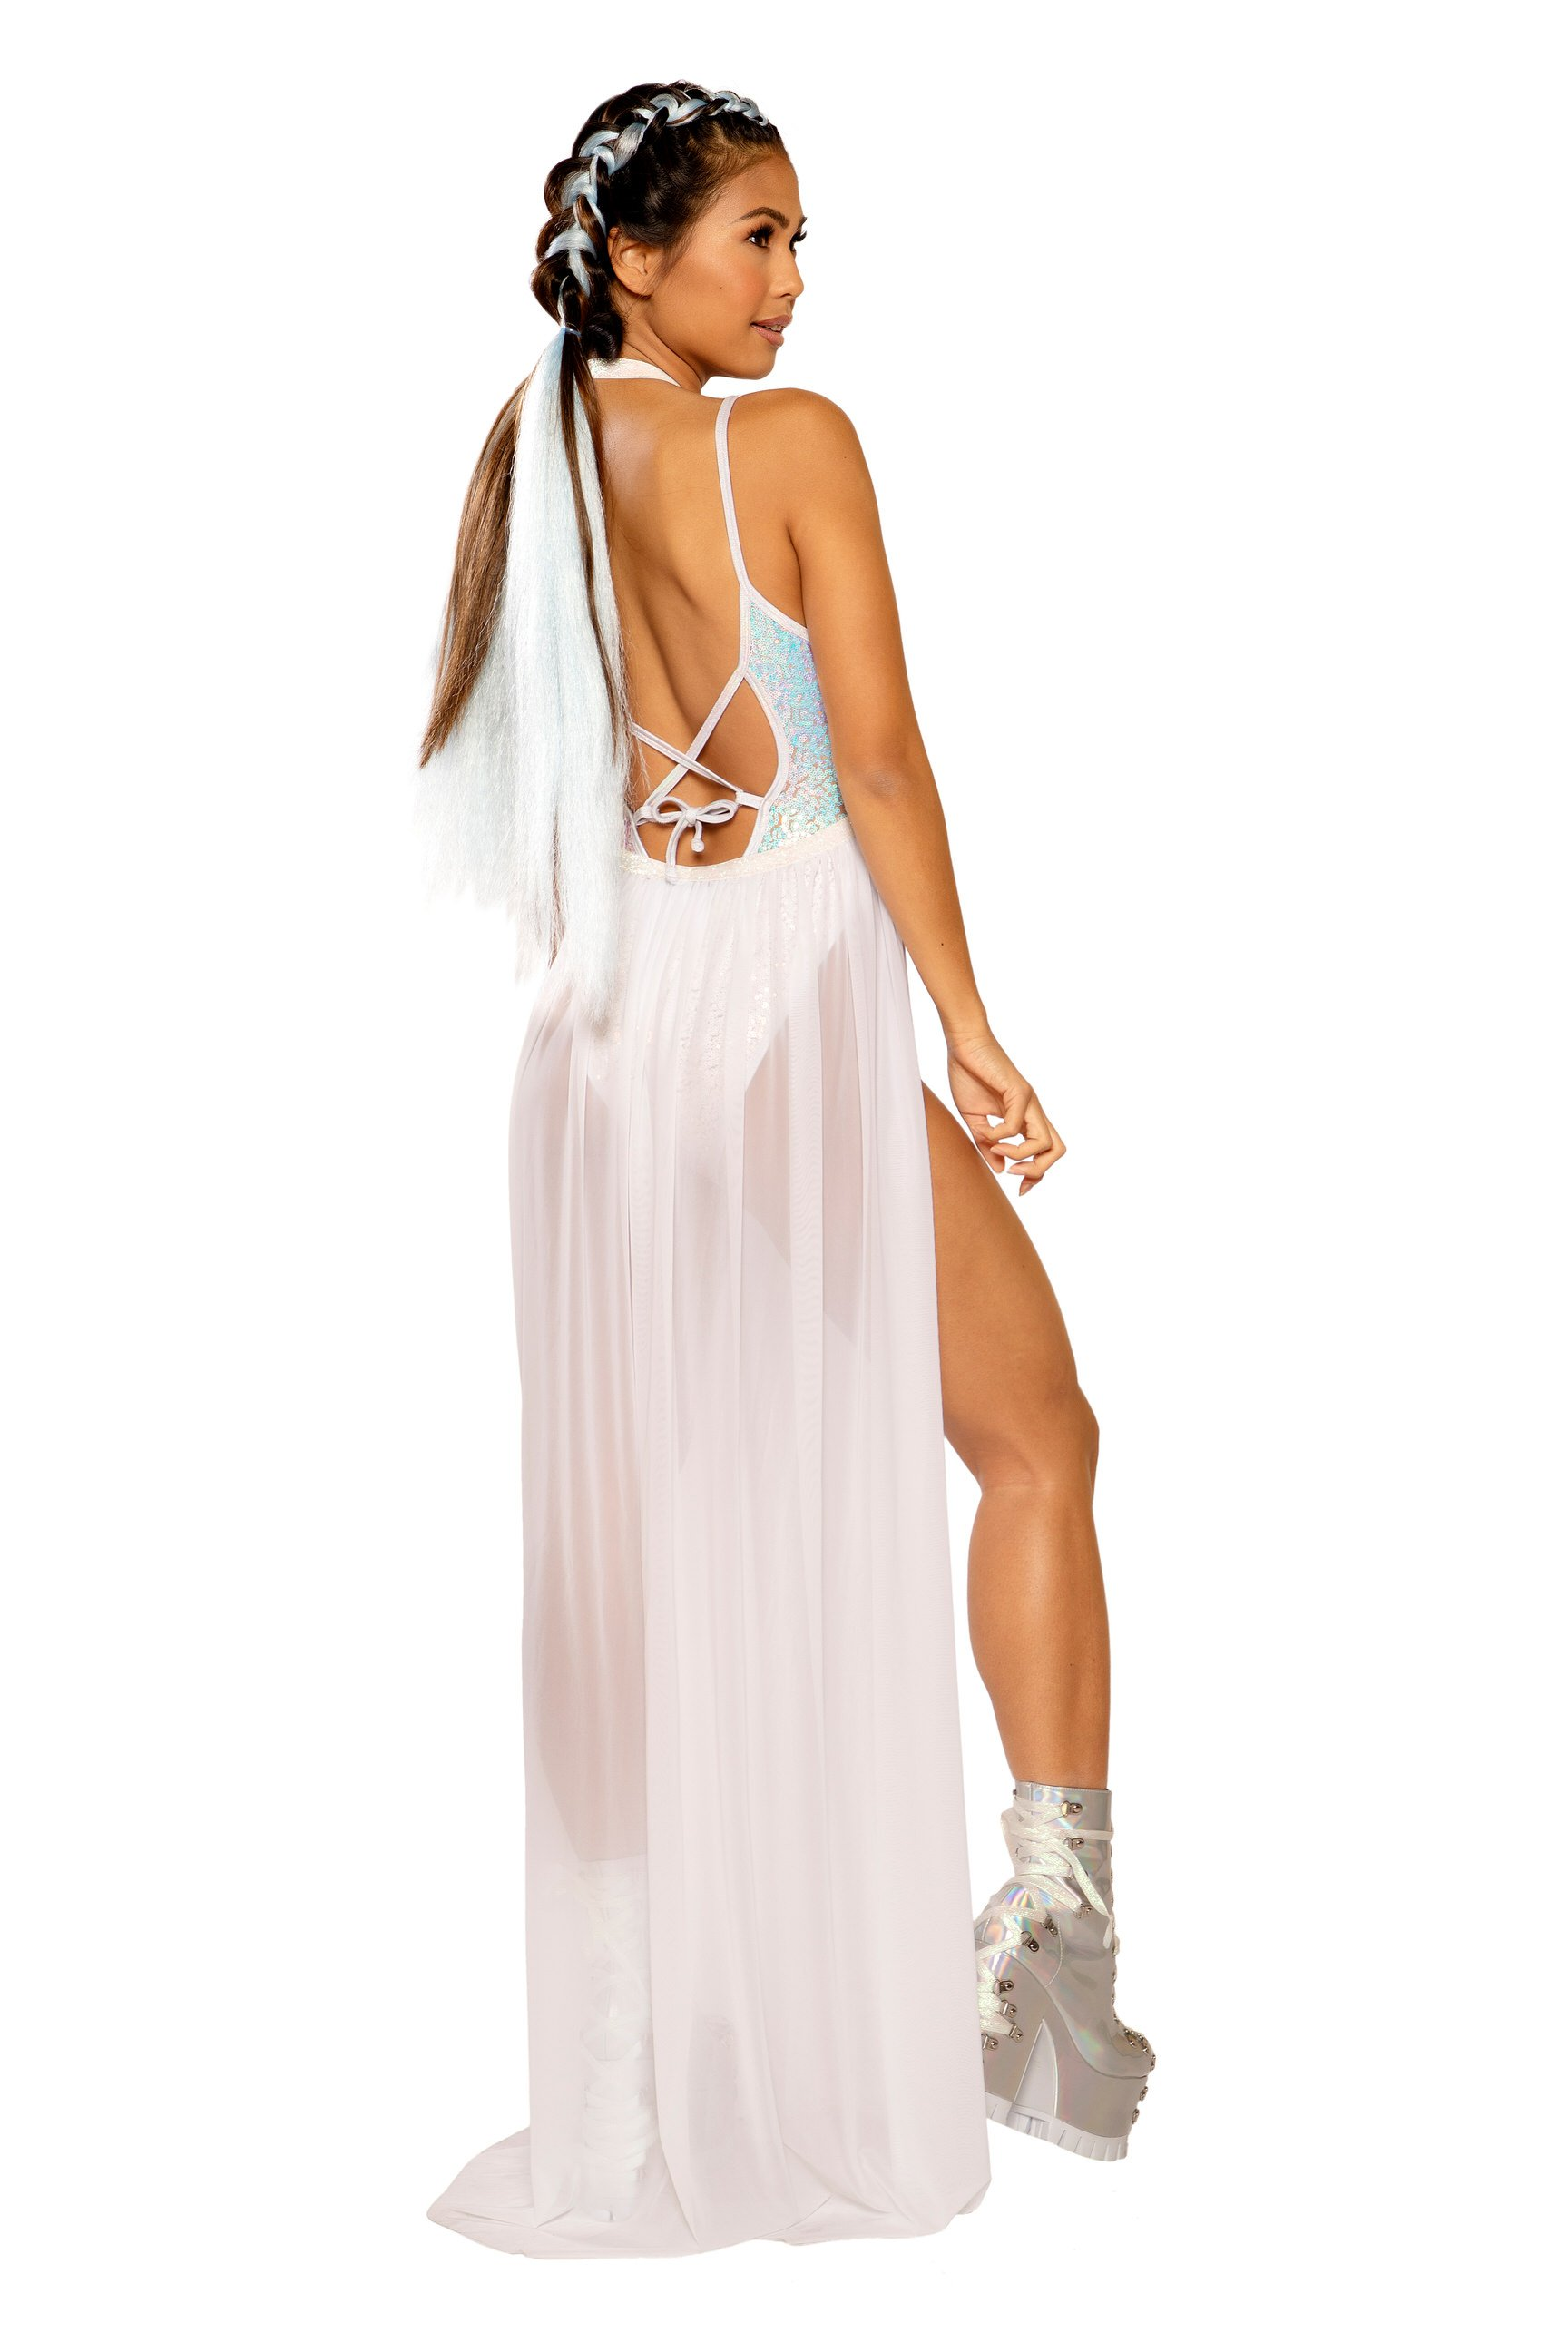 Long White Mesh Skirt Sparkly Harness 0146 Edmonton